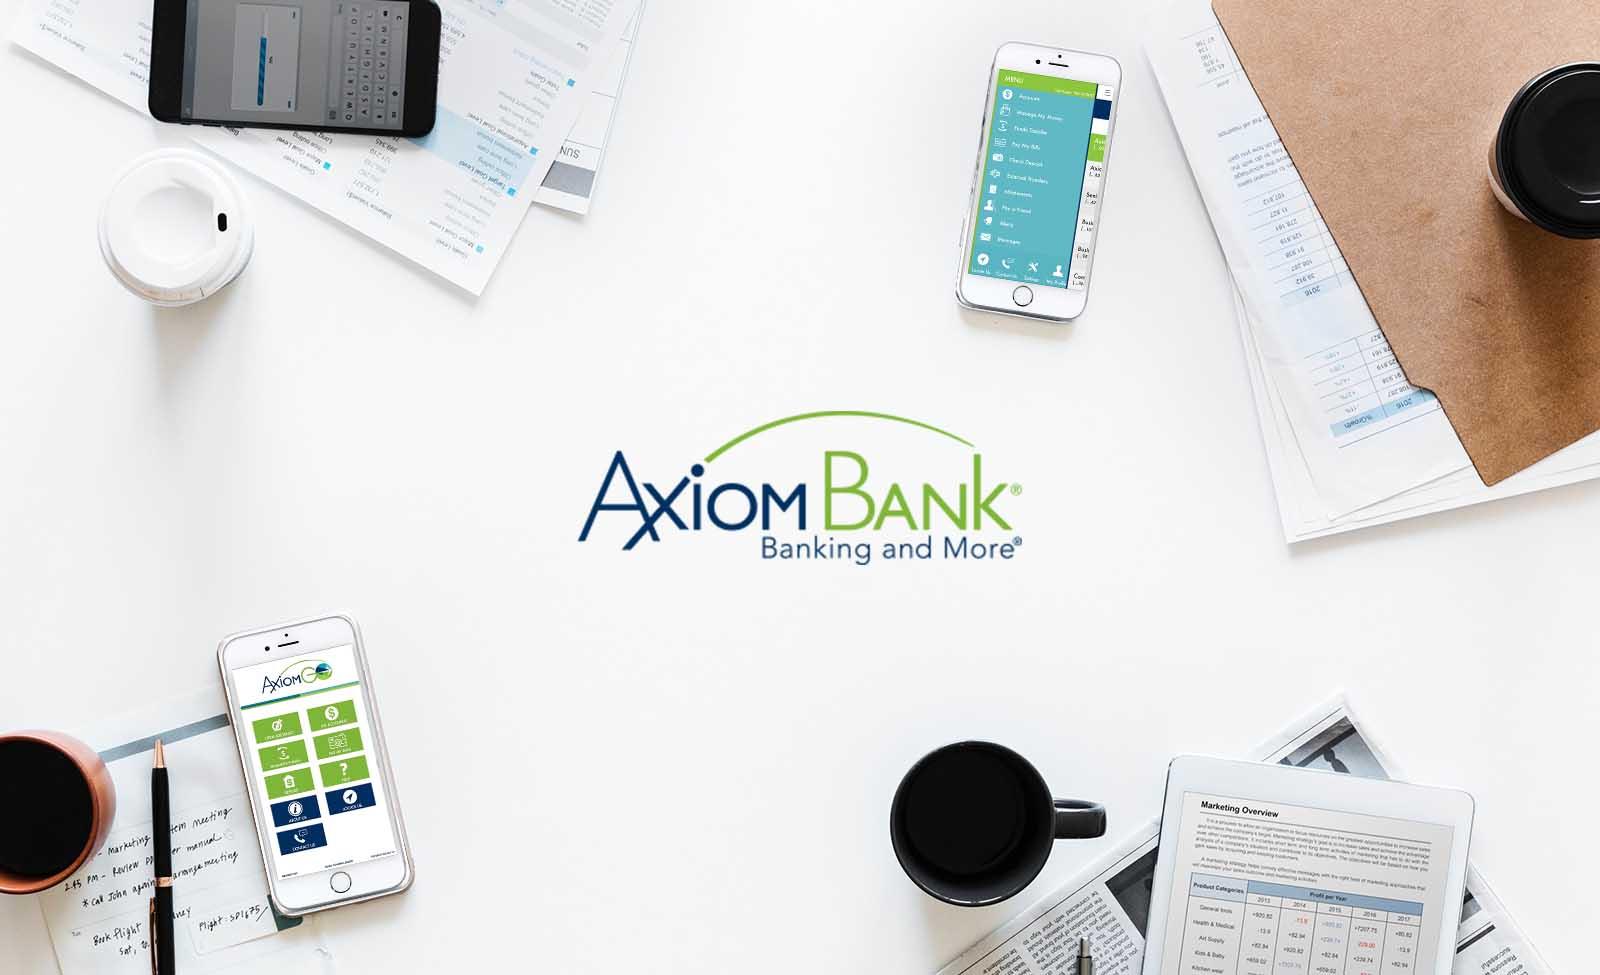 Axiom Bank Plan your financial future with AxiomGO